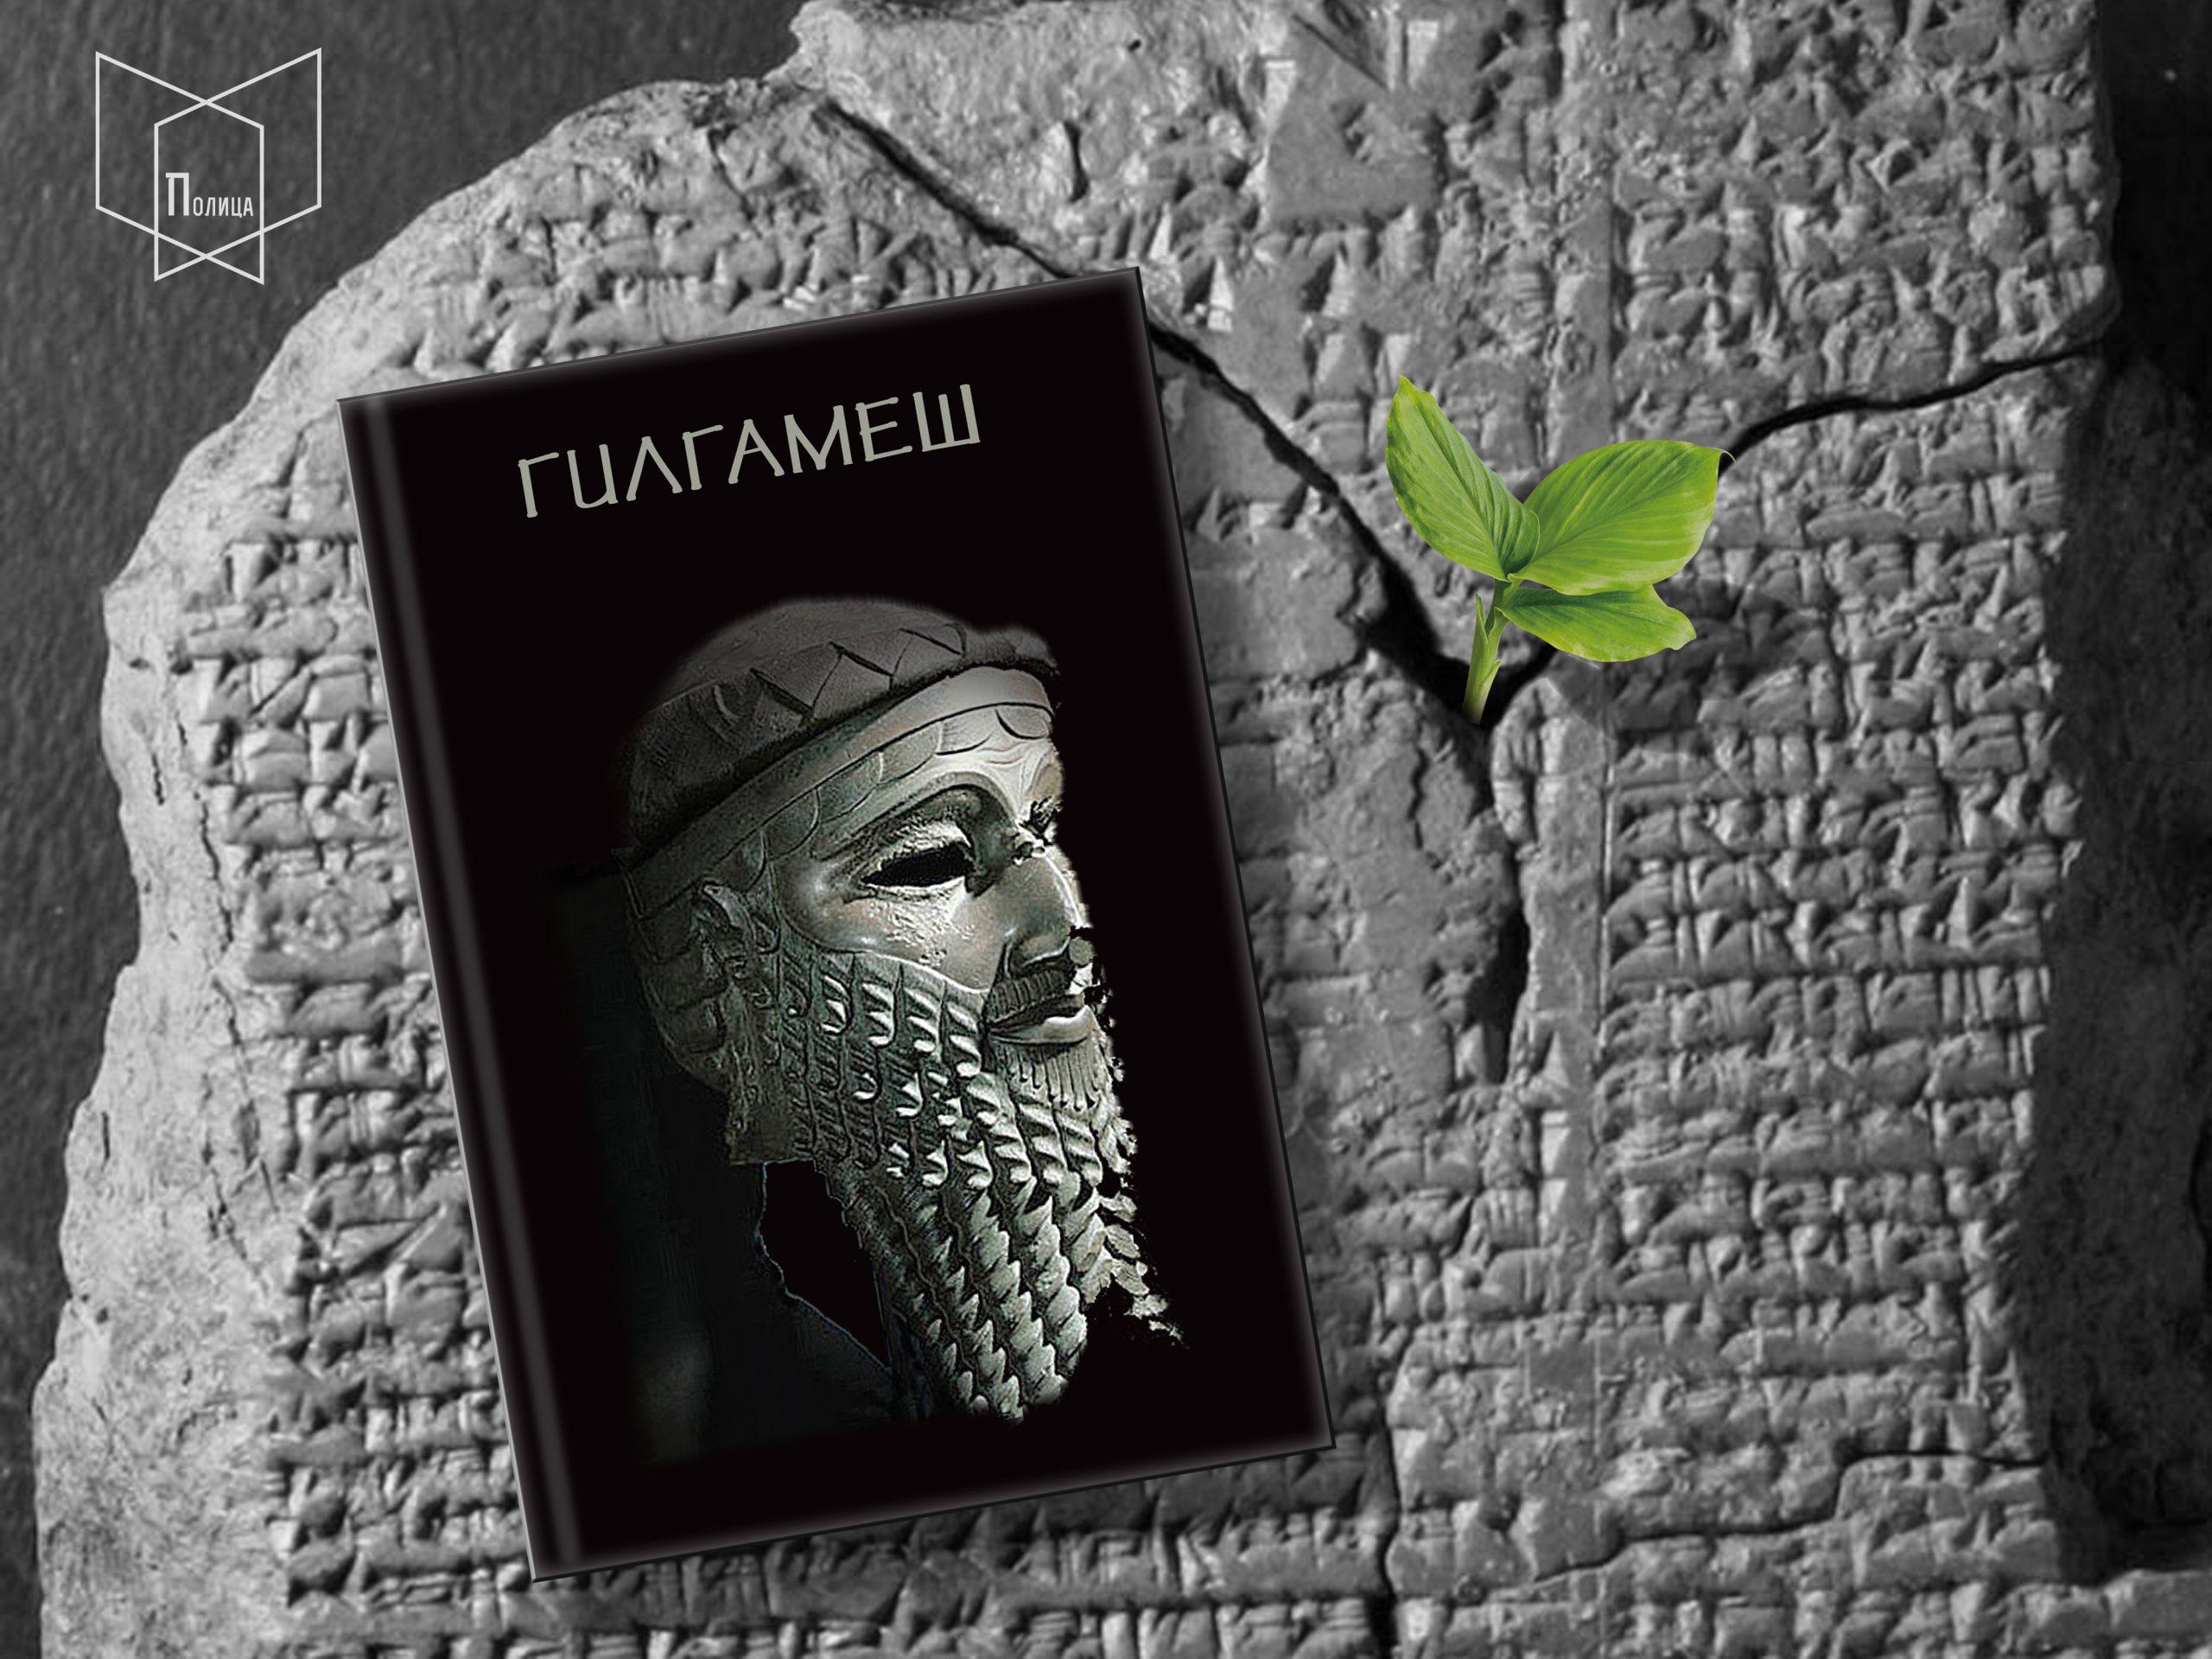 17. Gilgamesh